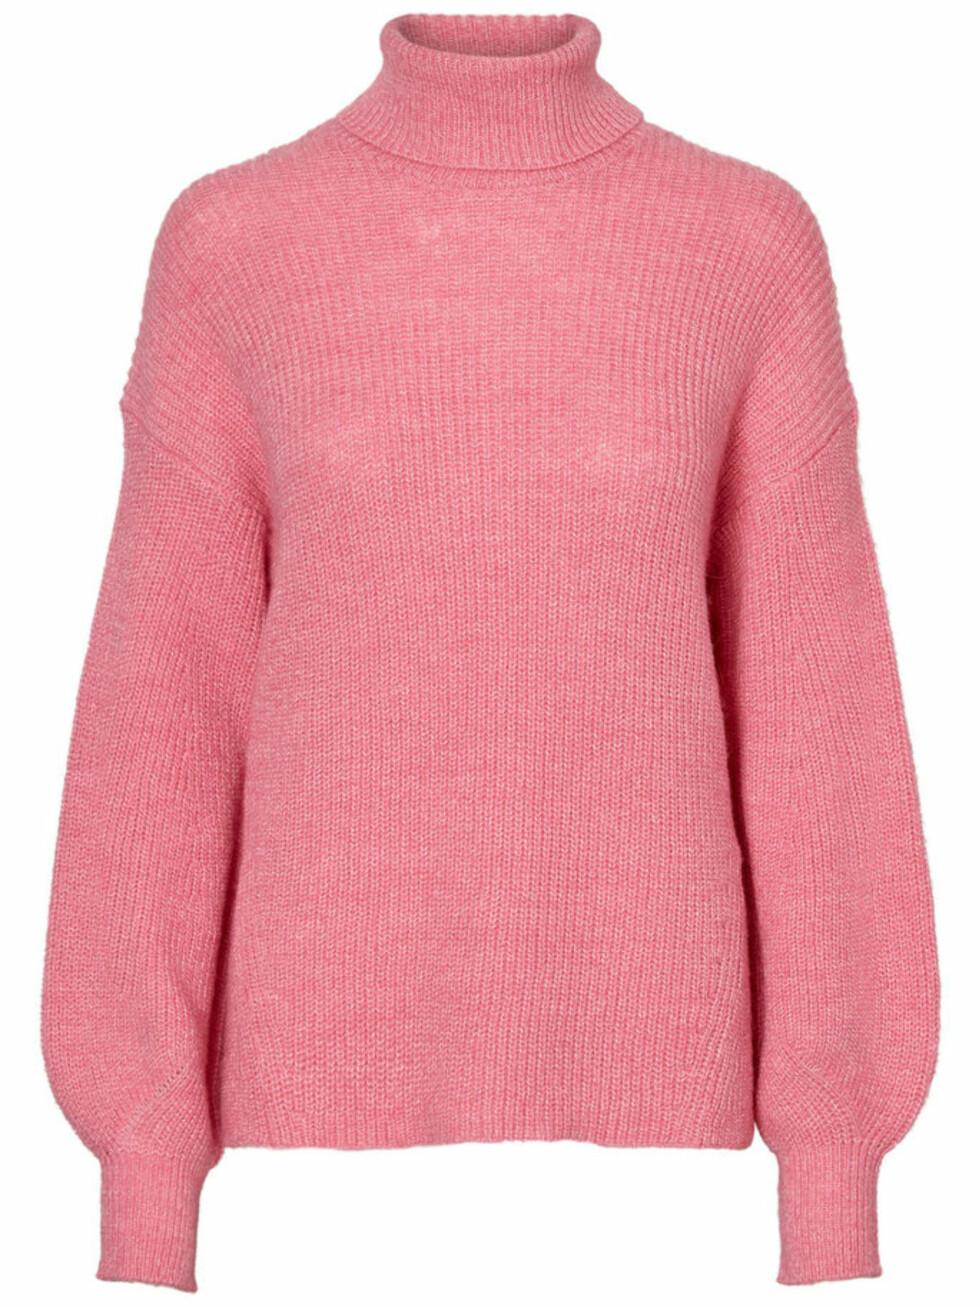 Genser fra Vero Moda |450,-|https://www.veromoda.com/no/no/vm/handla-efter-kategori/strikk/aware-strikket-pullover-10185074.html?cgid=vm-knitwear&dwvar_colorPattern=10185074_AzaleaPink_587481